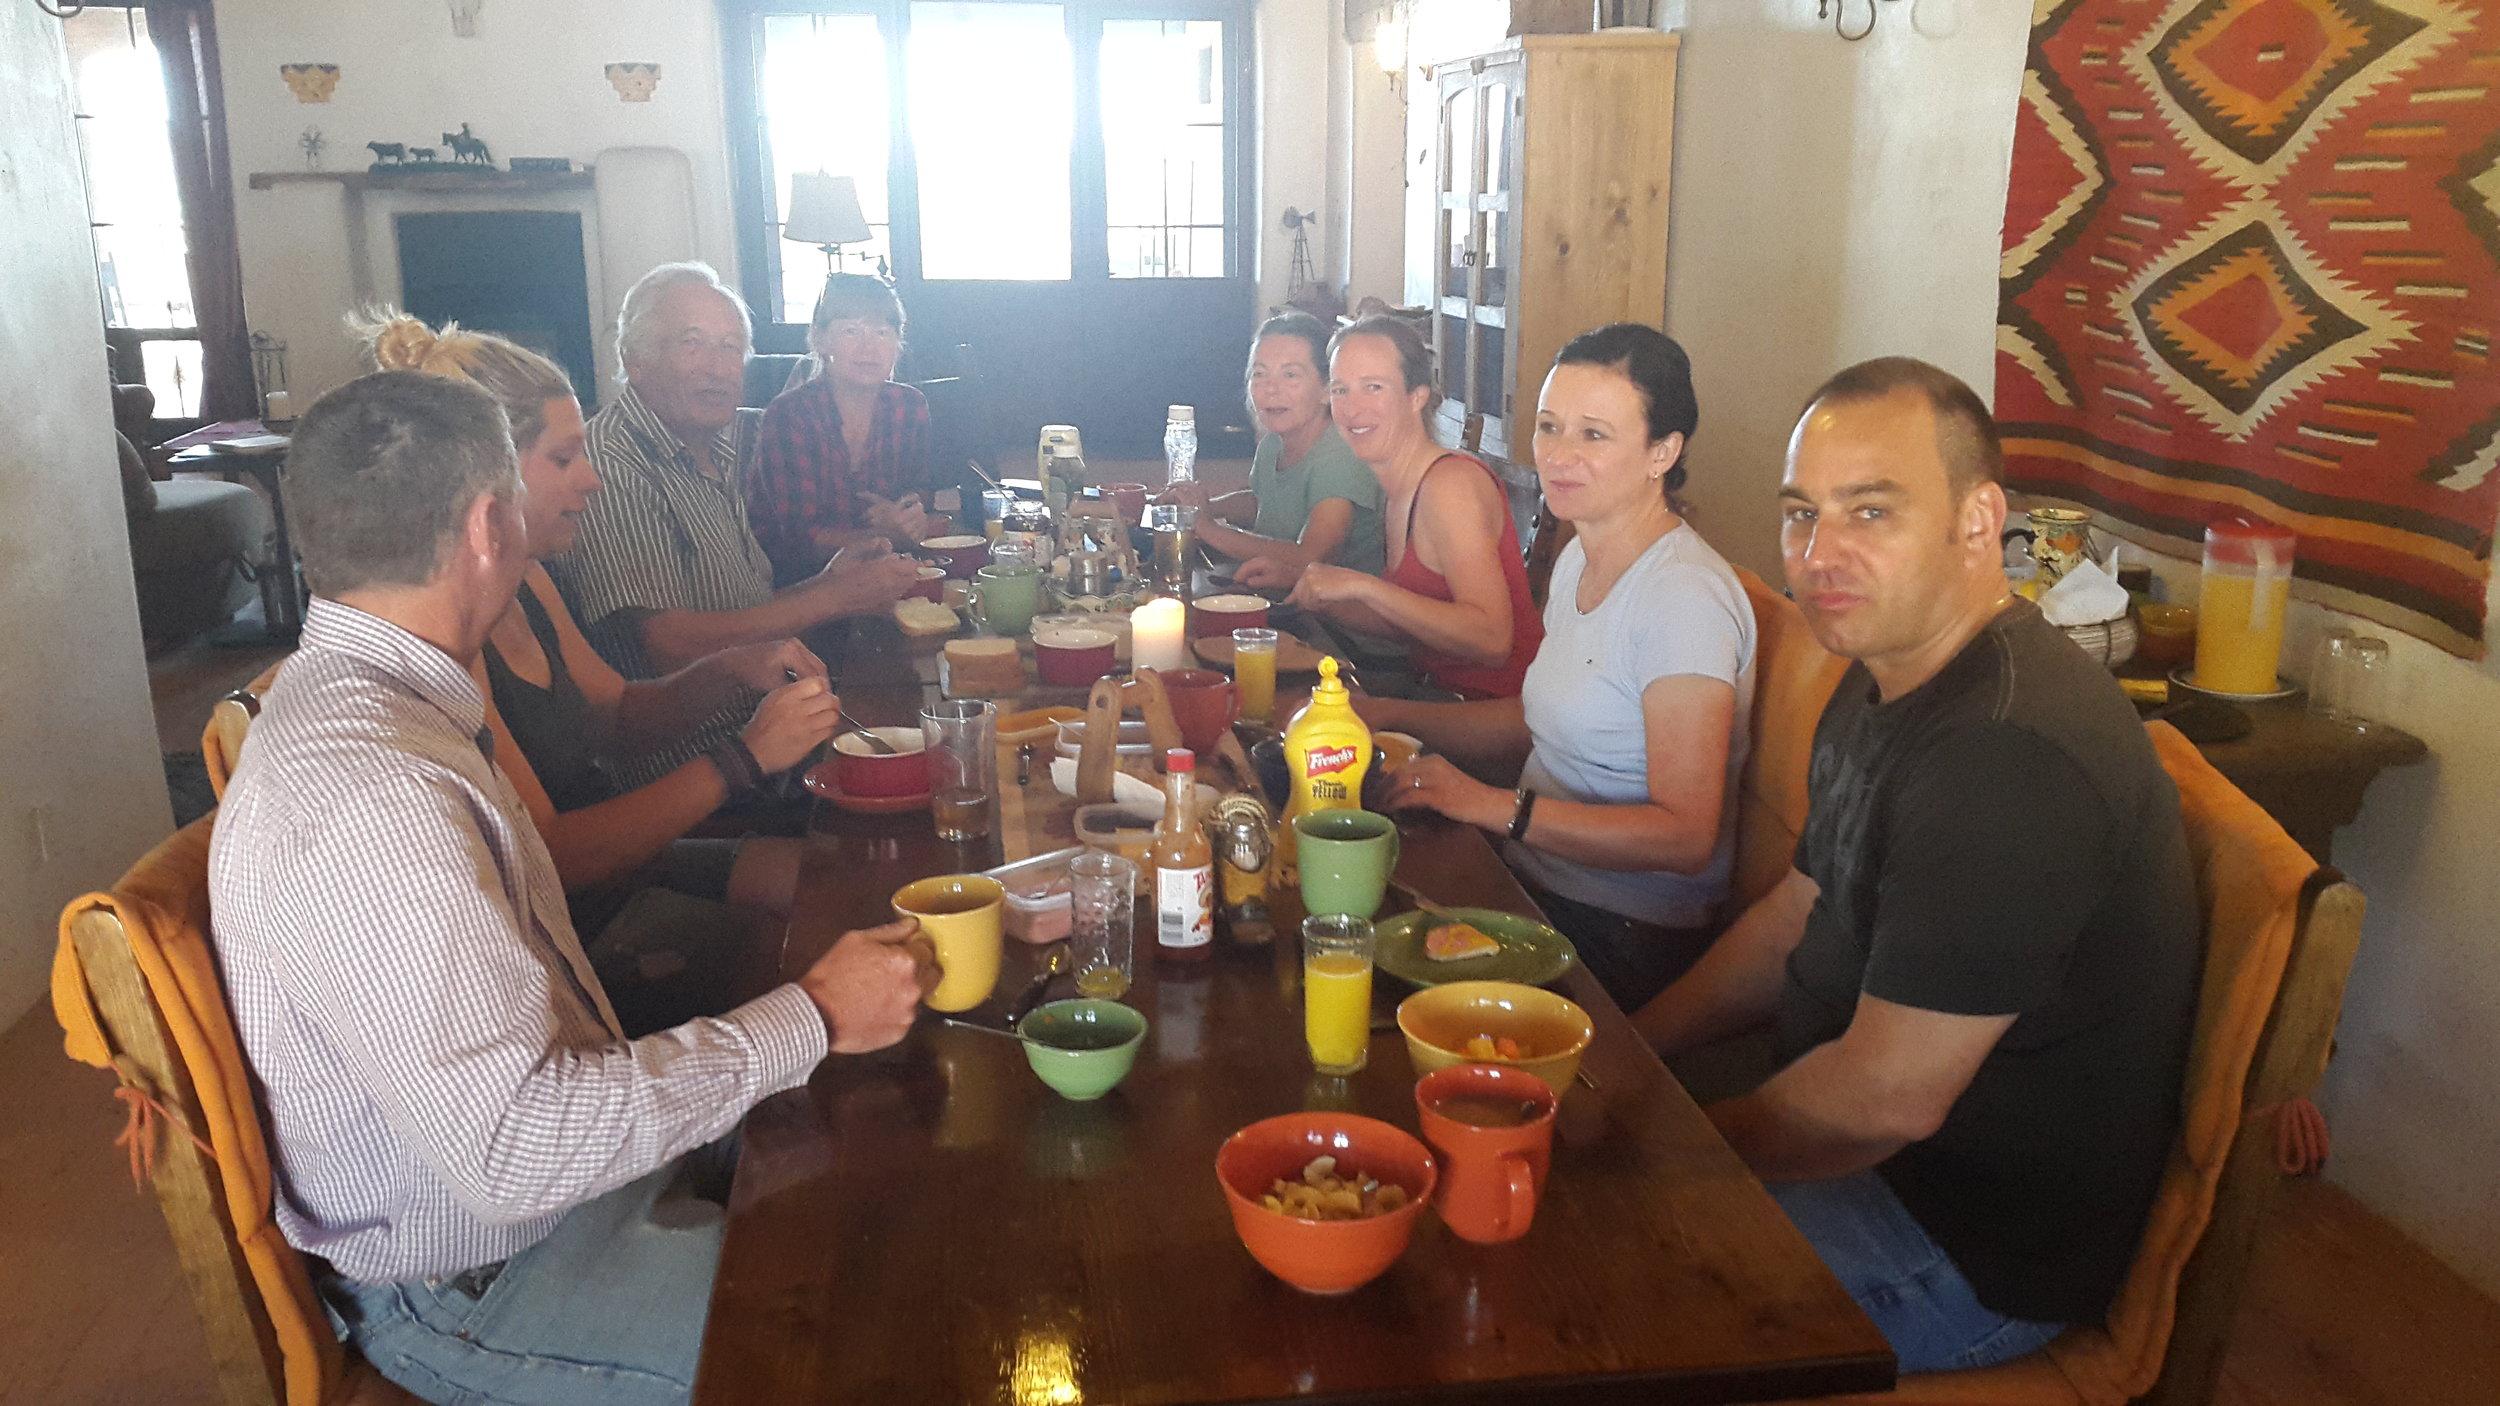 Frühstück im Ranchhaus (von links nach rechts): Rob, Annika, Herbert, Irene, Helga, Sybille und Martin.  Breakfast at the ranch house (left to right): Rob, Annika, Herbert, Irene, Helga, Sybille and Martin.